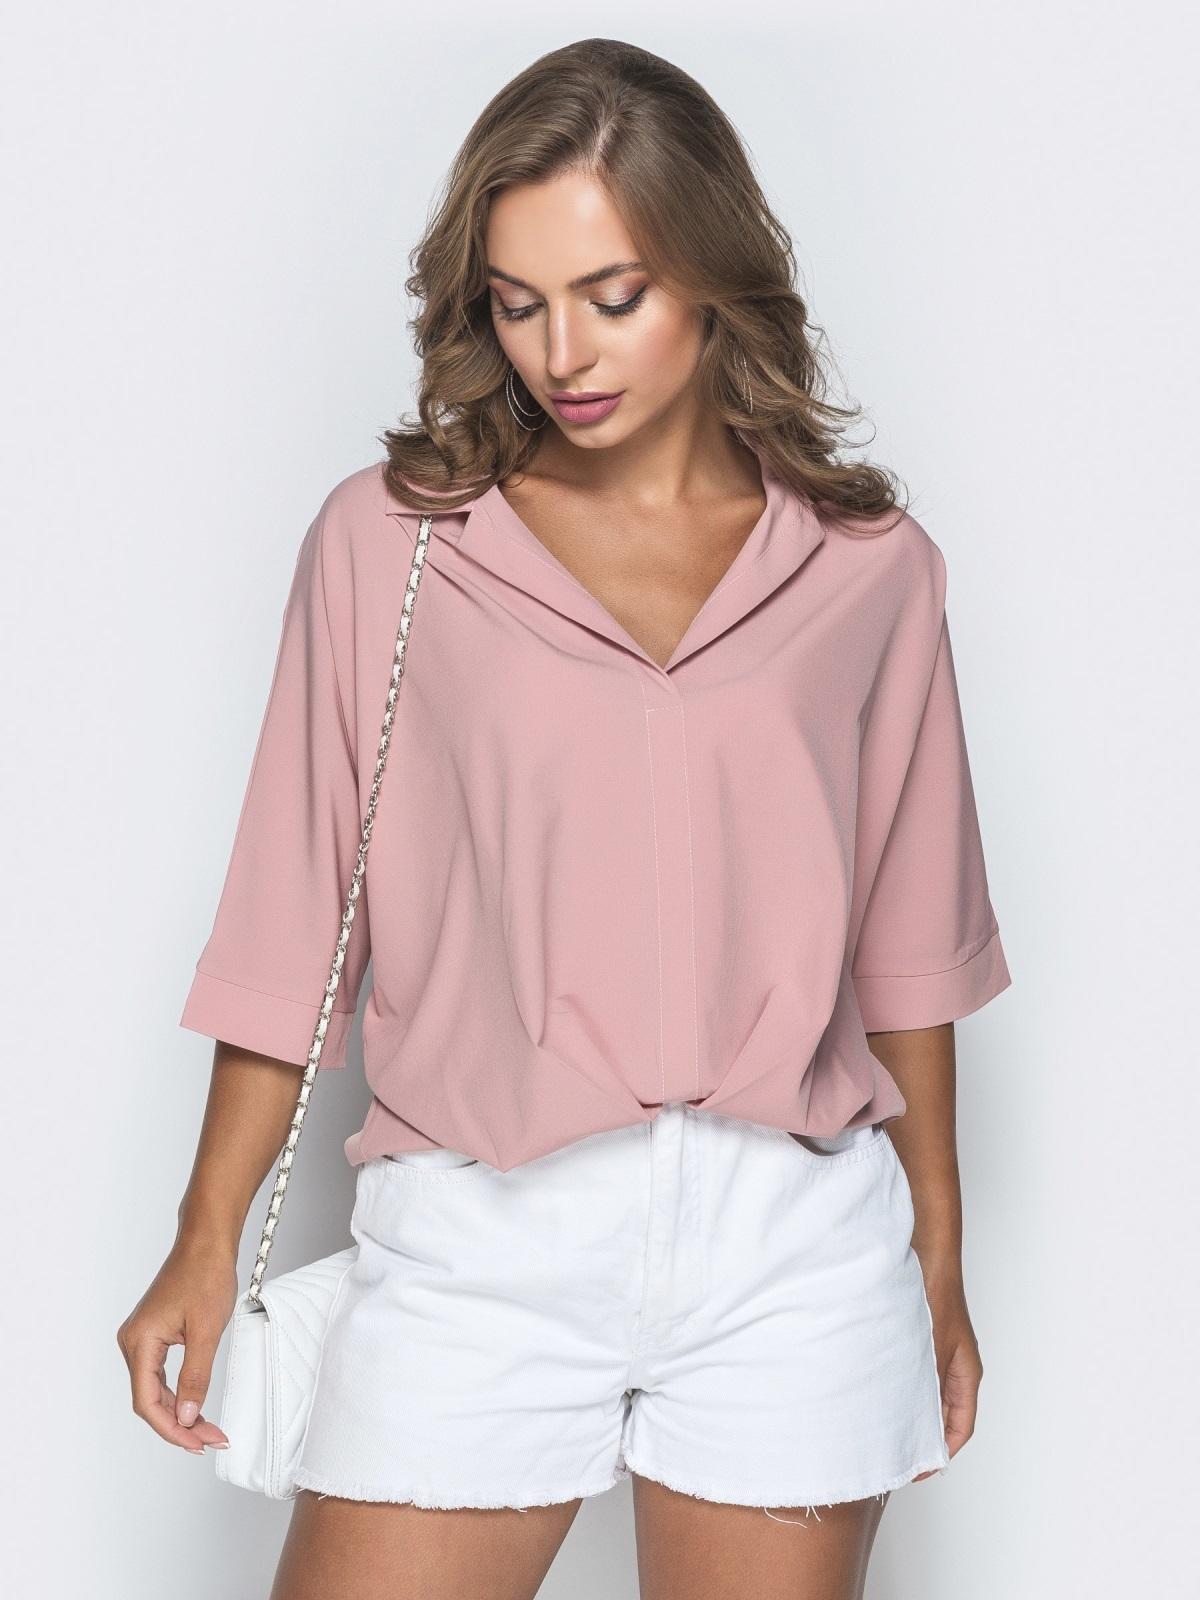 Свободная блузка с удлиненной спинкой пудровая 38481, фото 1